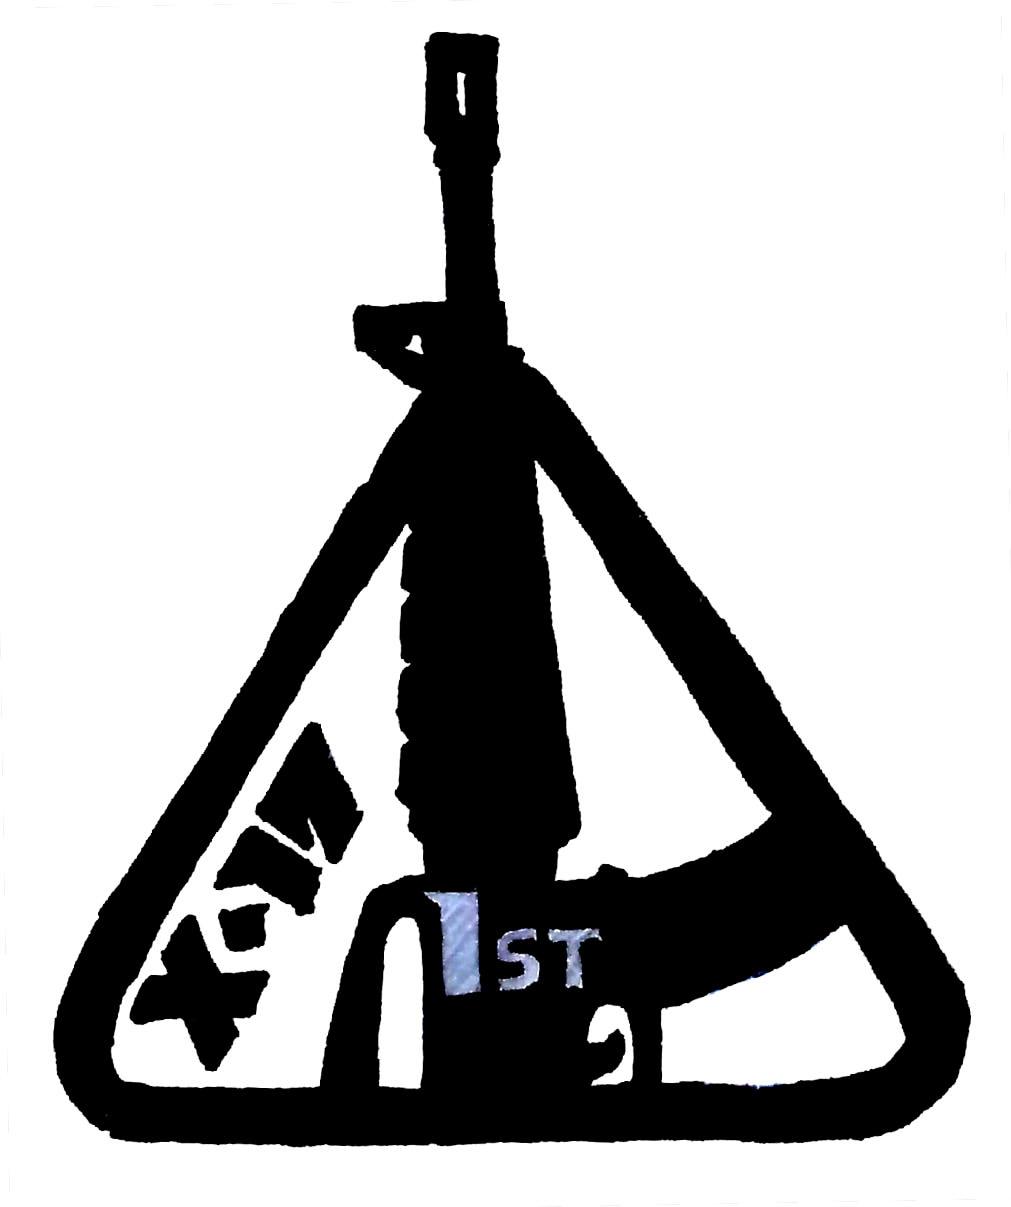 X-17_1st.jpg